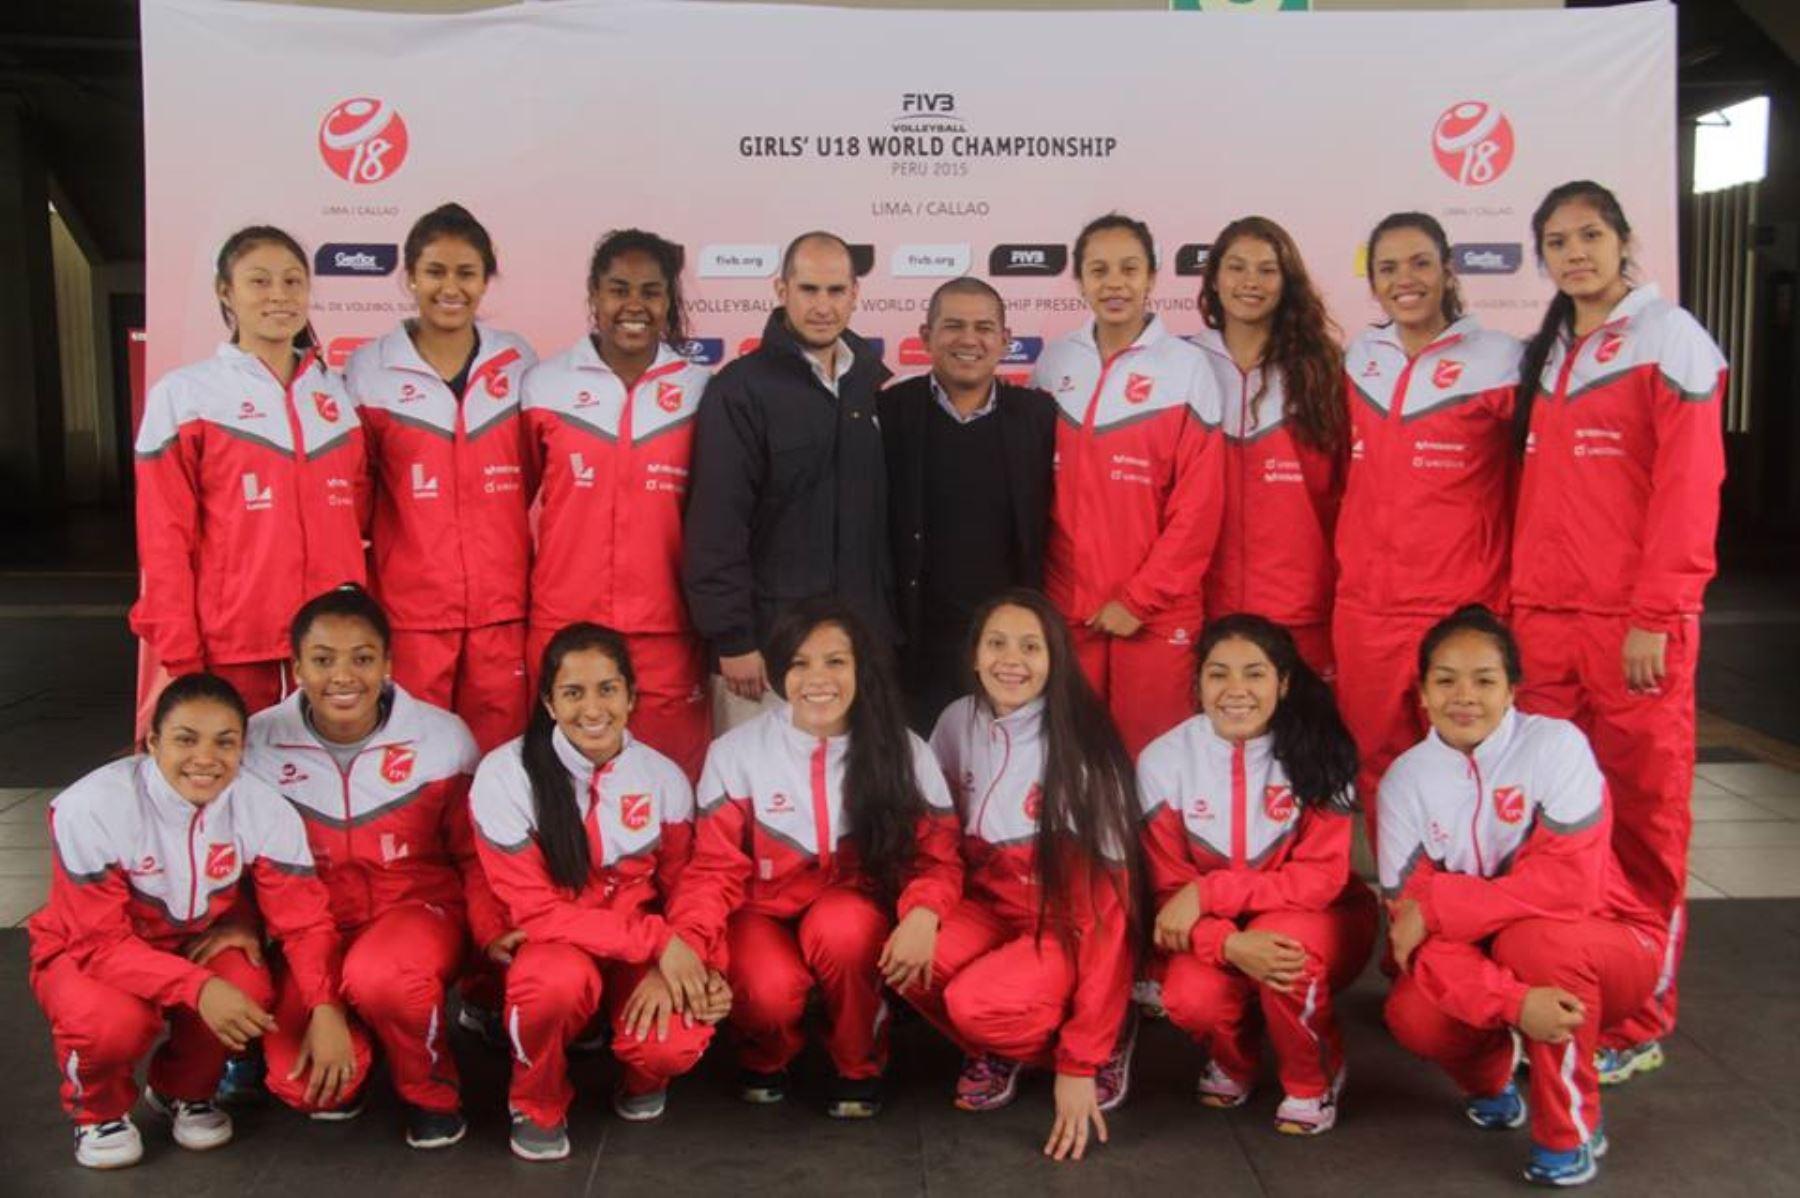 La selección sub-18 se alistara para afrontar el campeonato mundial.